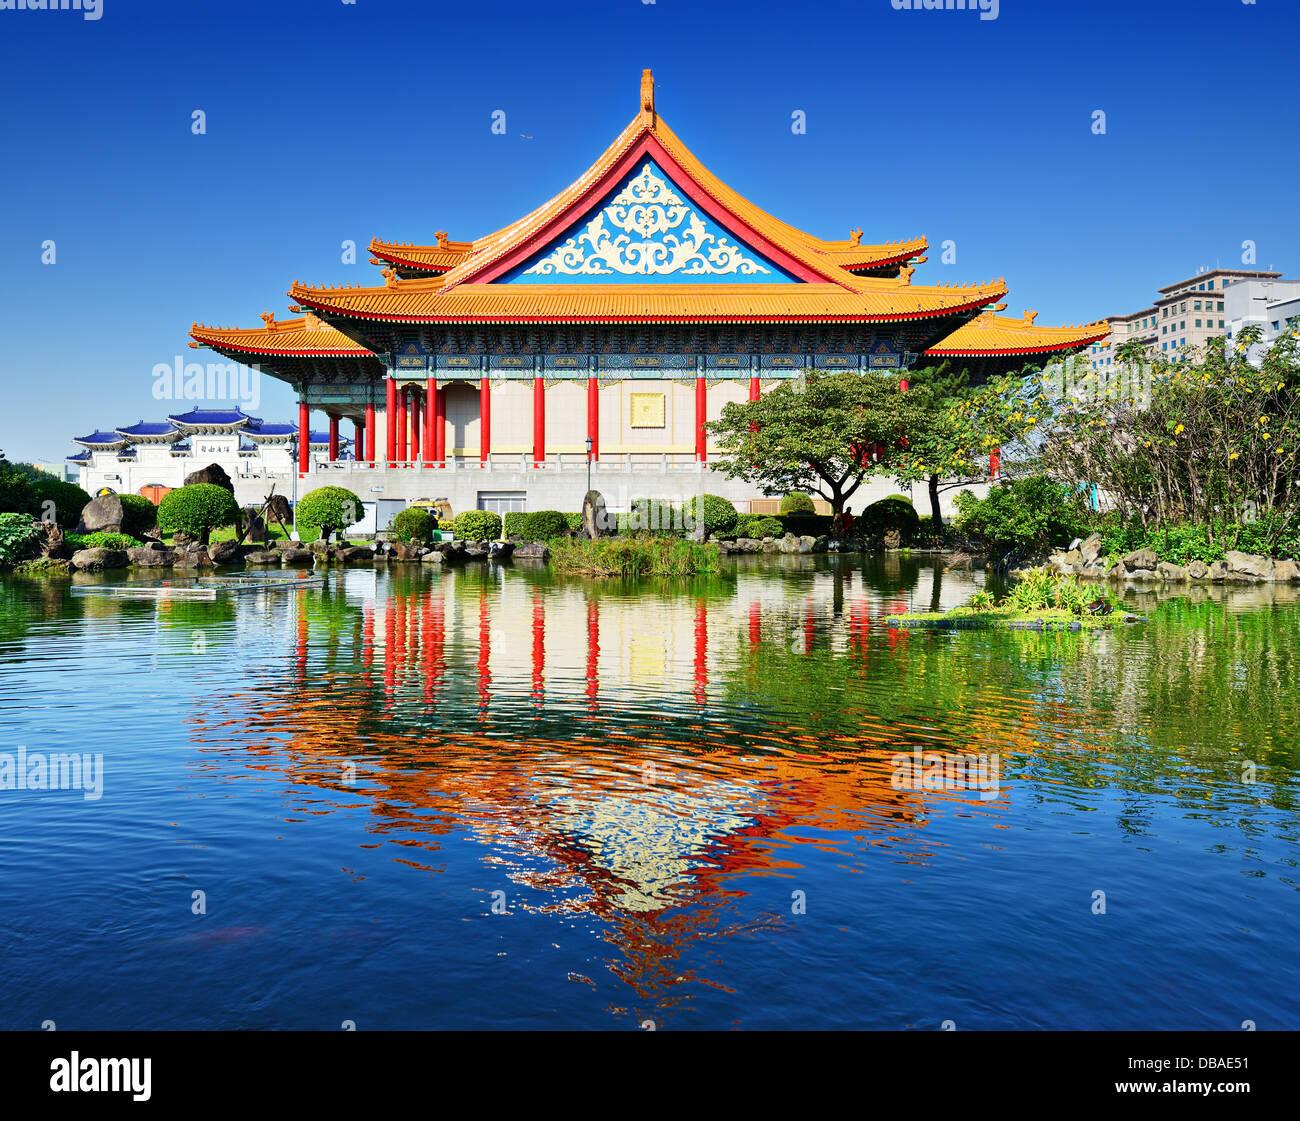 National Concert Hall de Taïwan sur la place de la liberté, à Taipei, Taiwan. Photo Stock